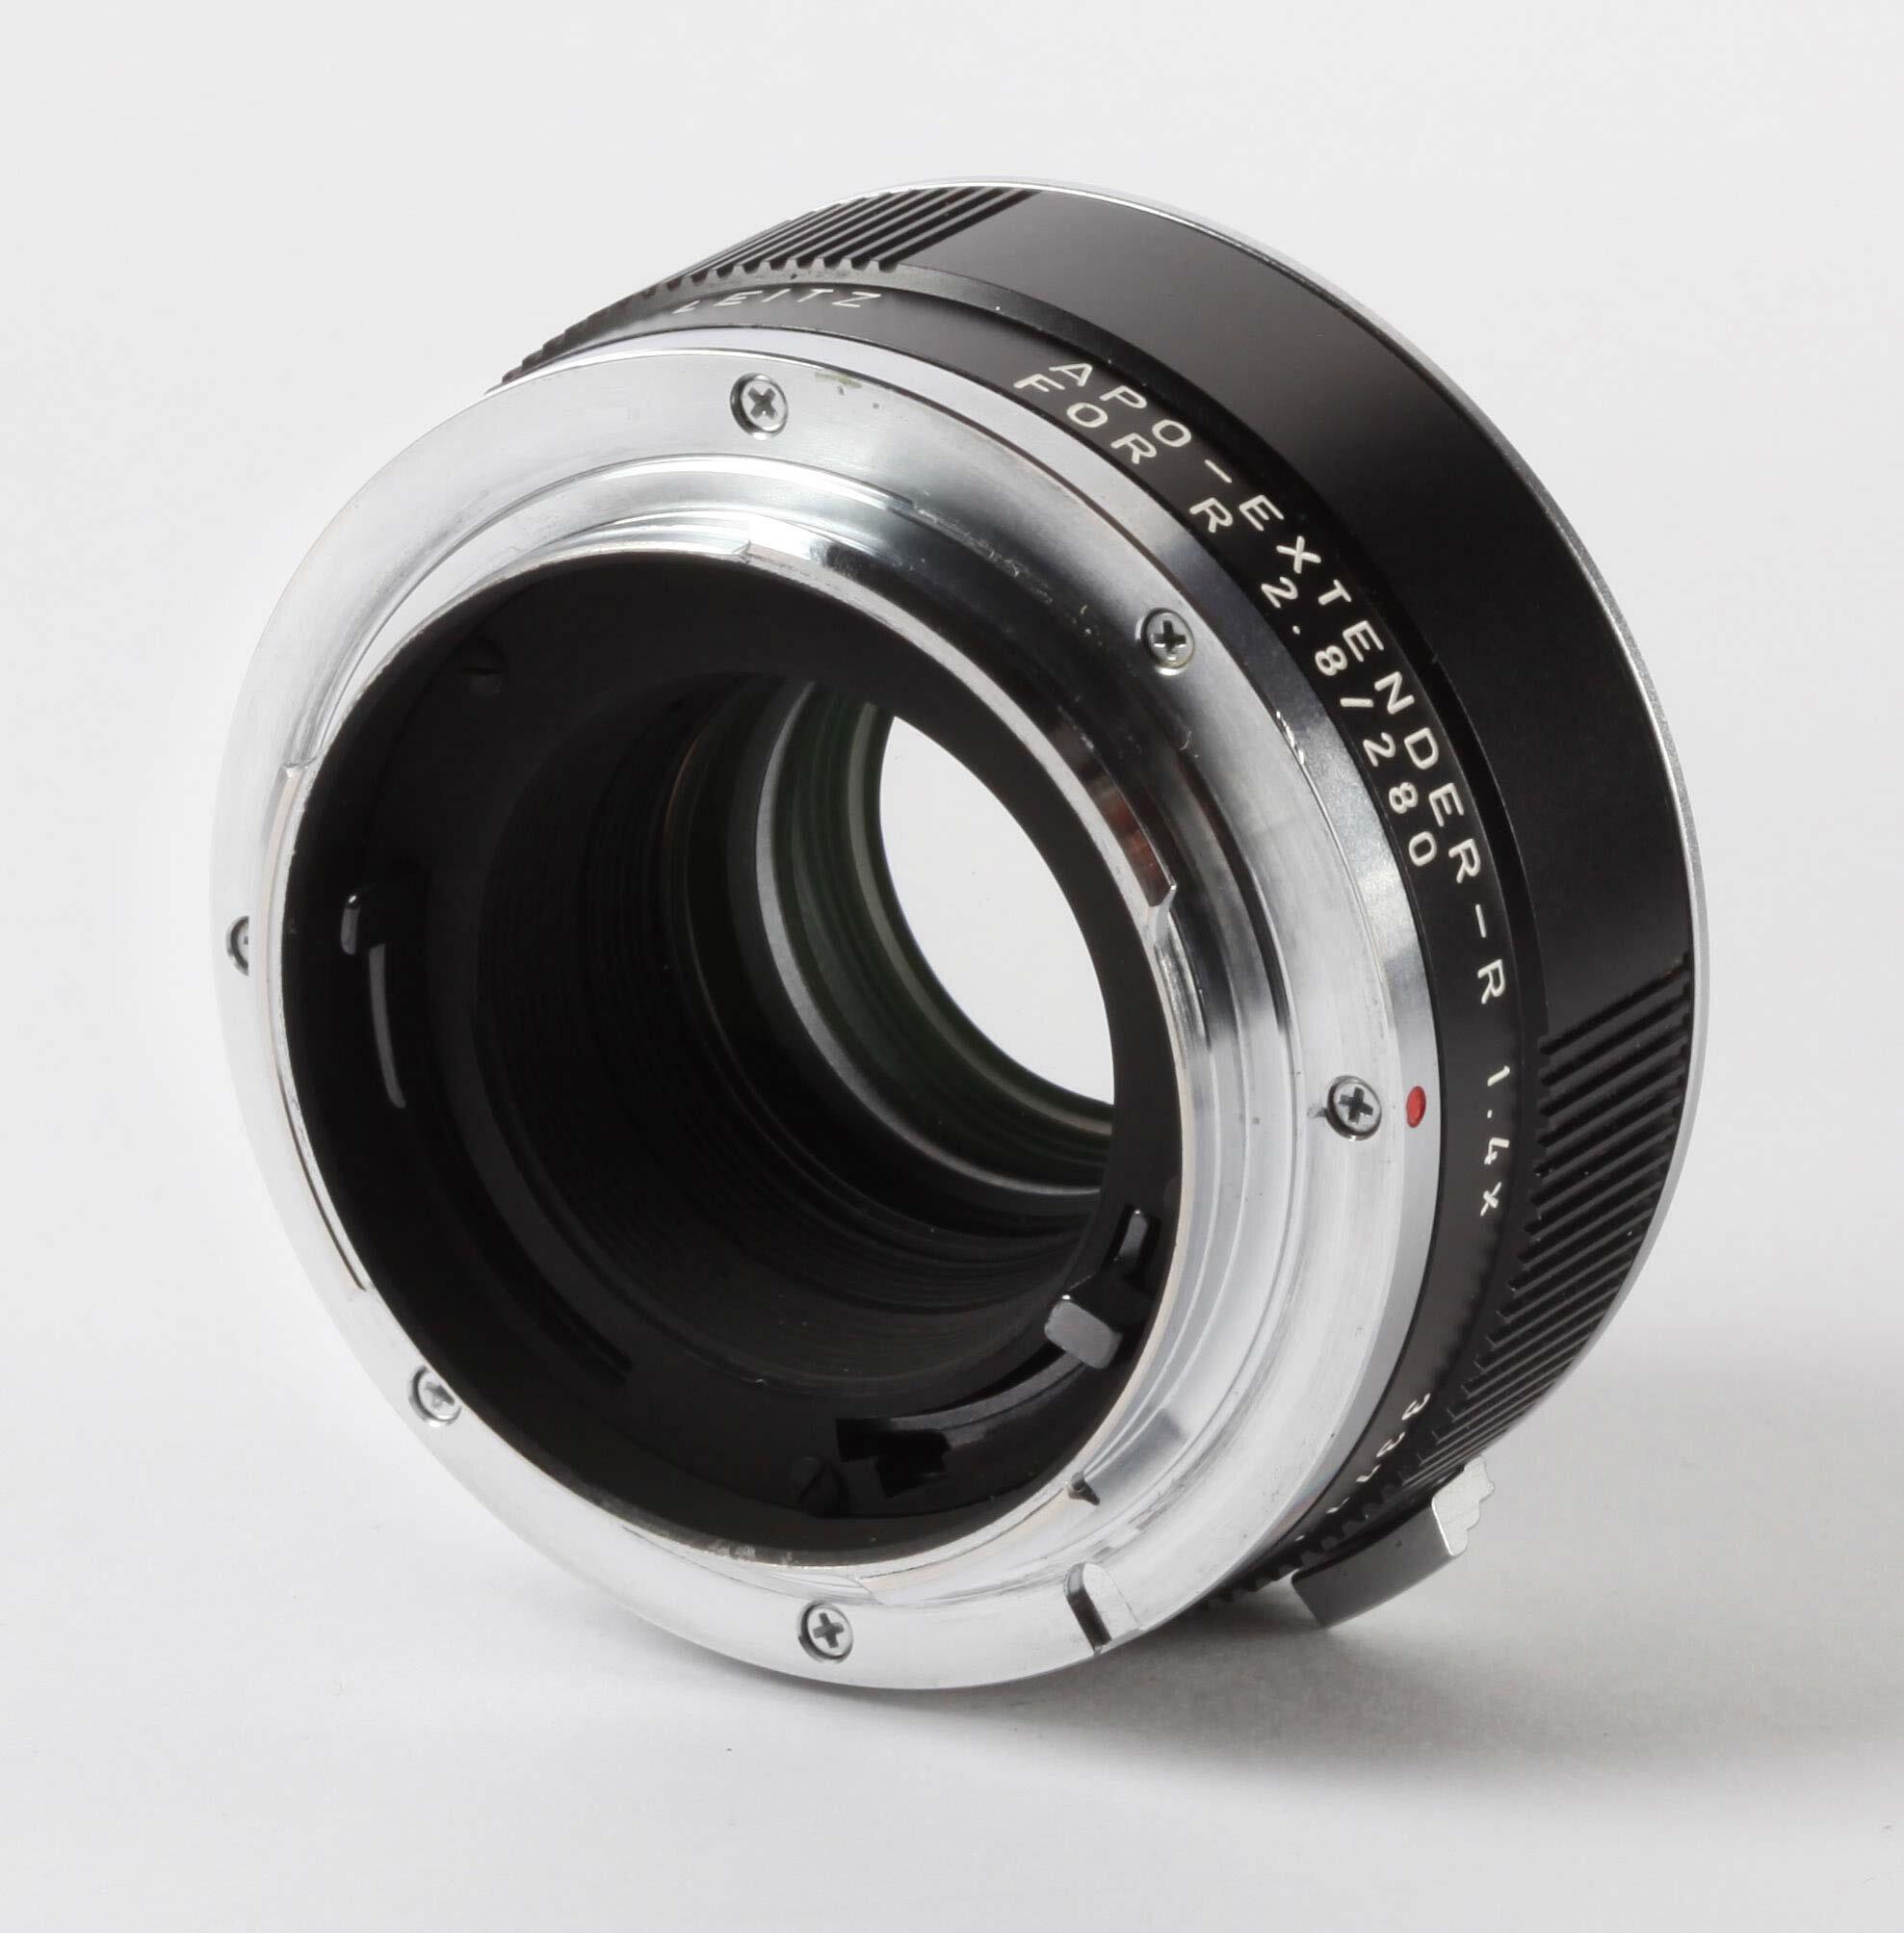 Leica R APO-Extender 1,4x 11248